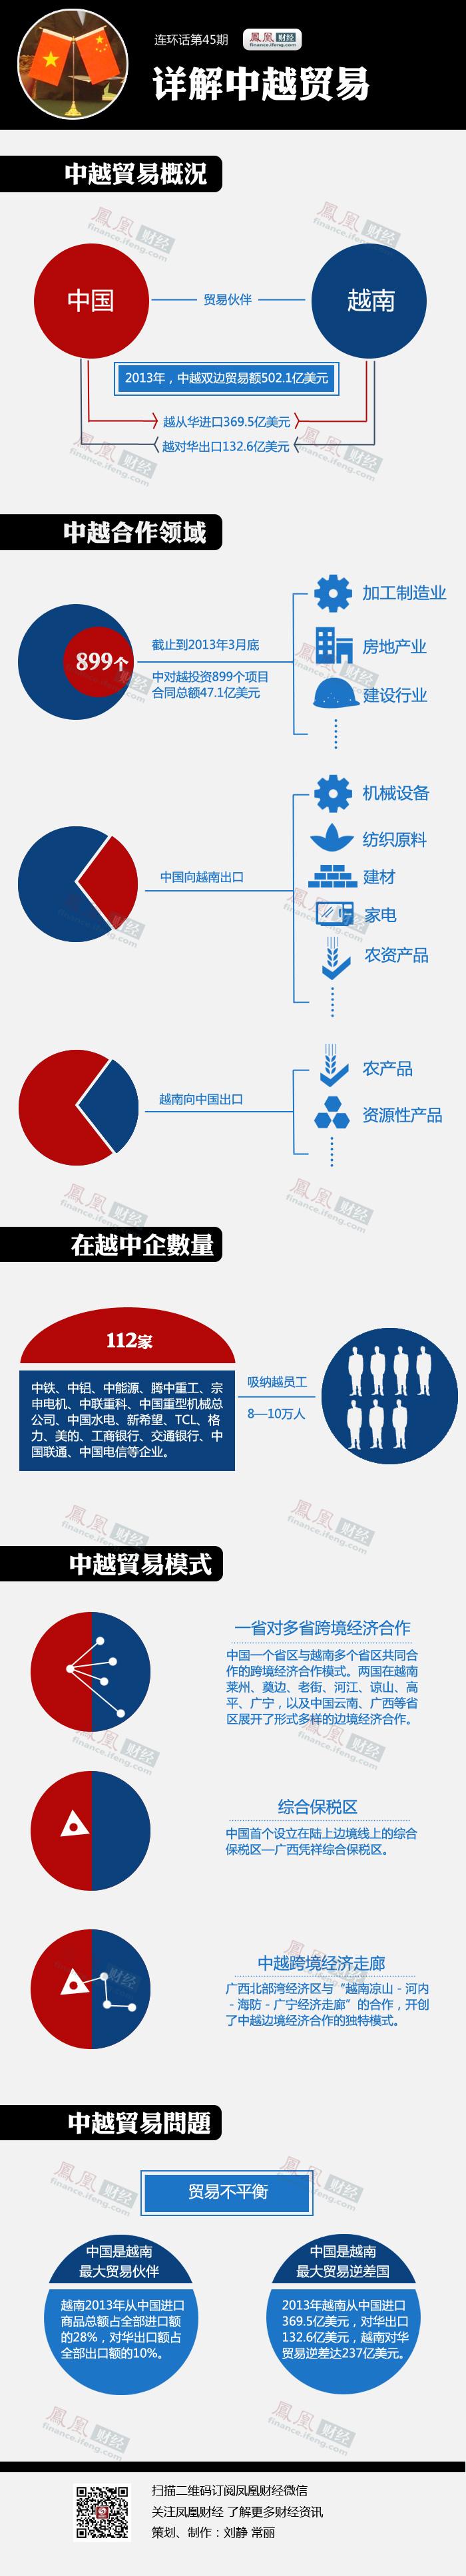 一张图看懂中越贸易:中国在越南投了多少? - 小玉 - 品讀-劄記